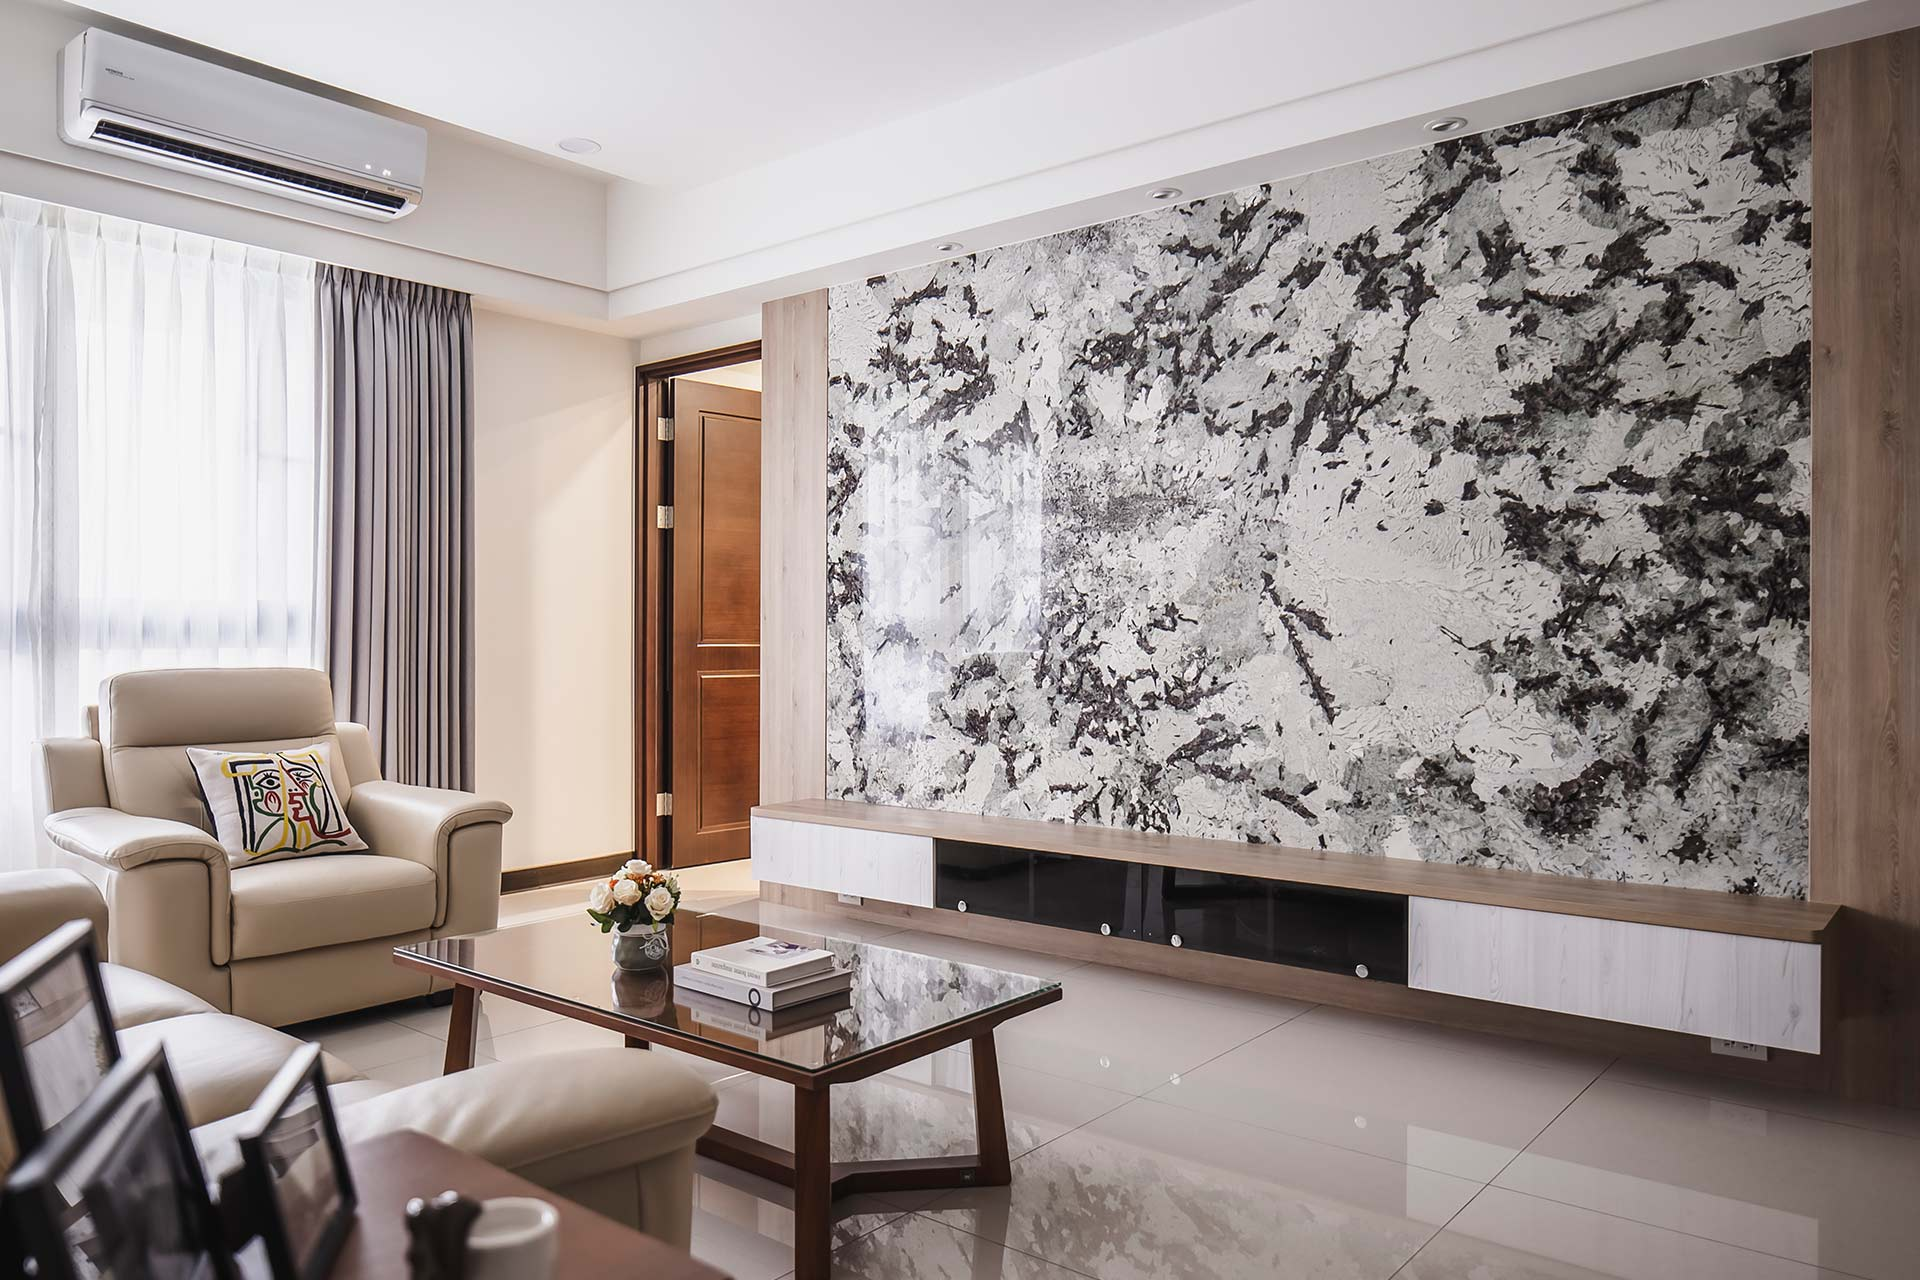 悠然奢華風山水恣意揮灑,室內設計案例